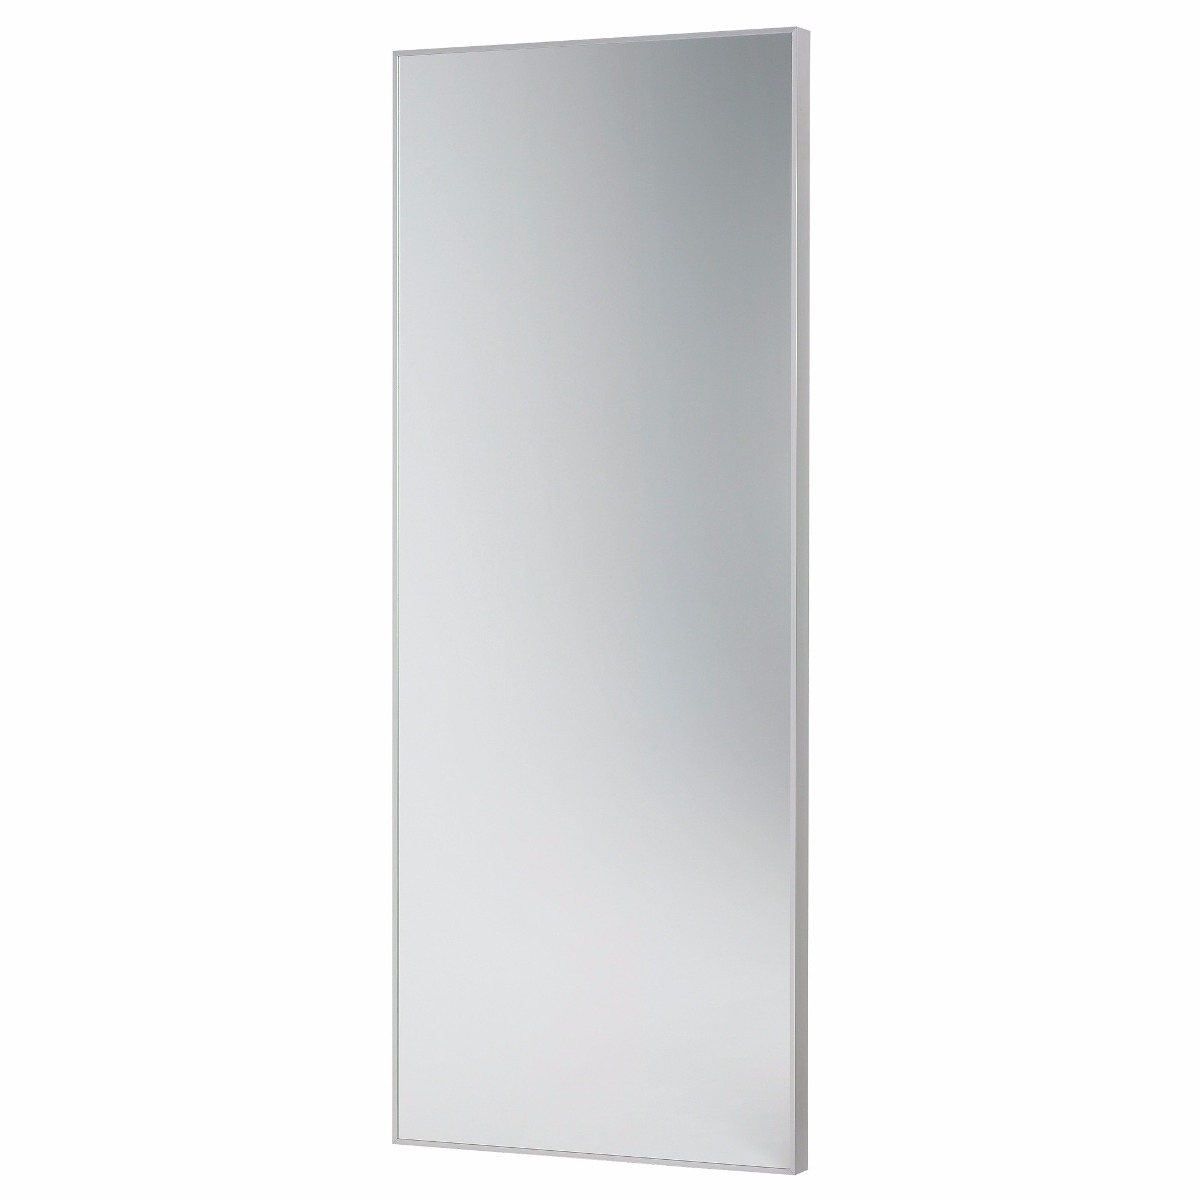 Espejos grandes espejos grandes para vestidor espejo for Espejos para pared grandes sin marco